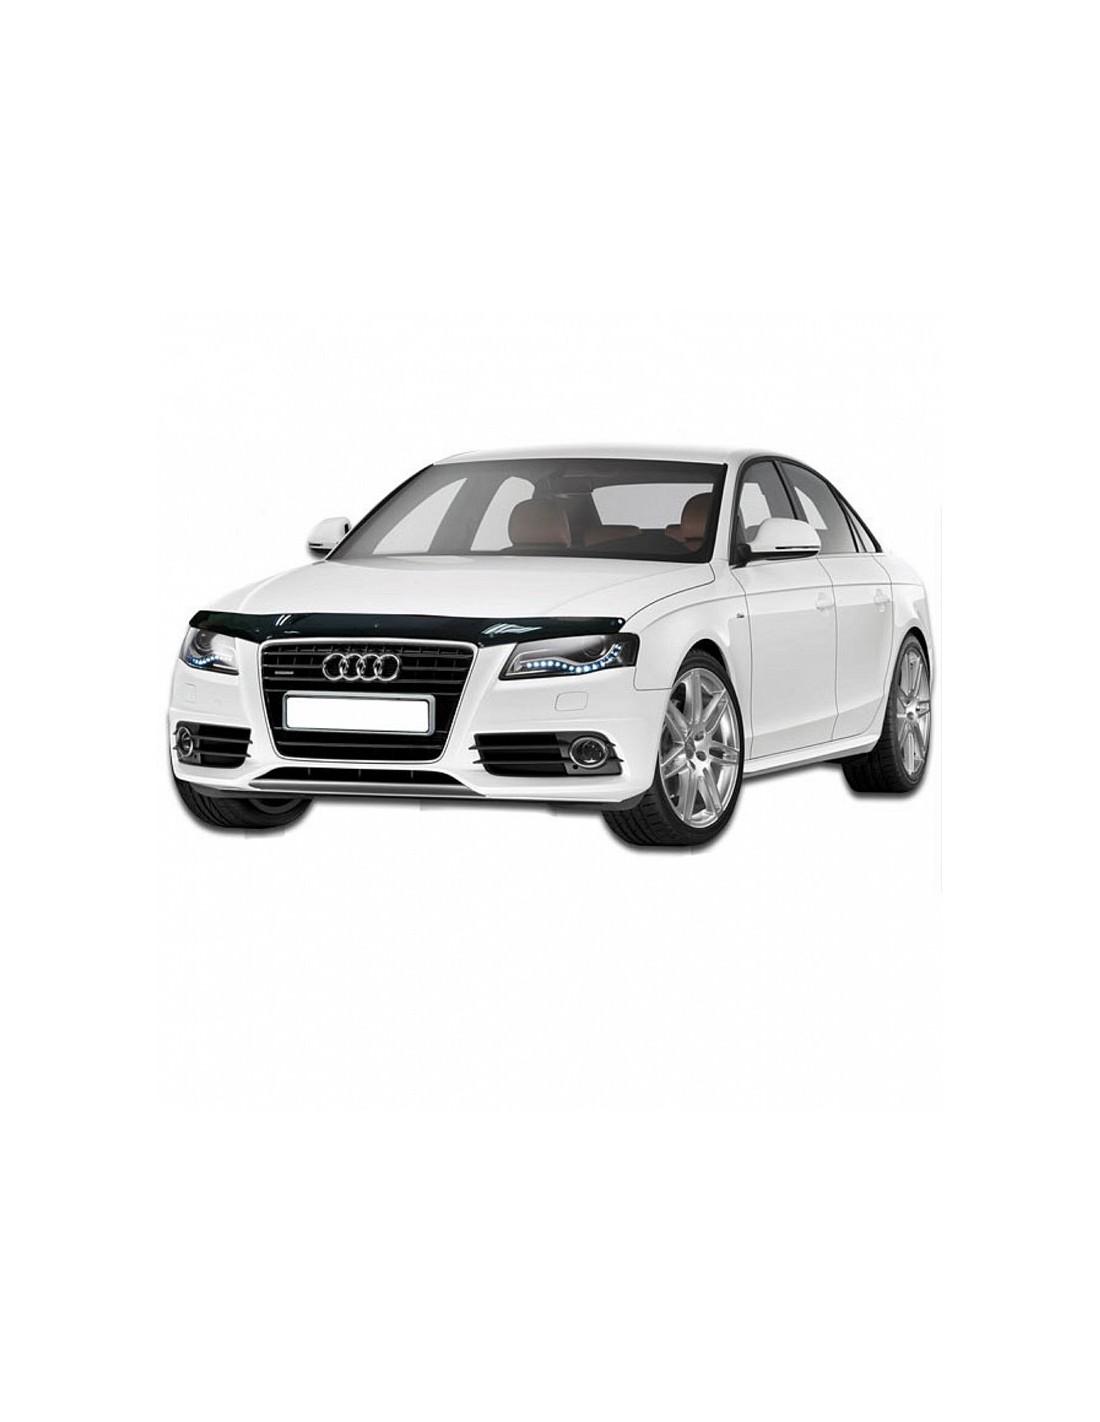 Plastový kryt kapoty - Audi A4 B8 2008-2011